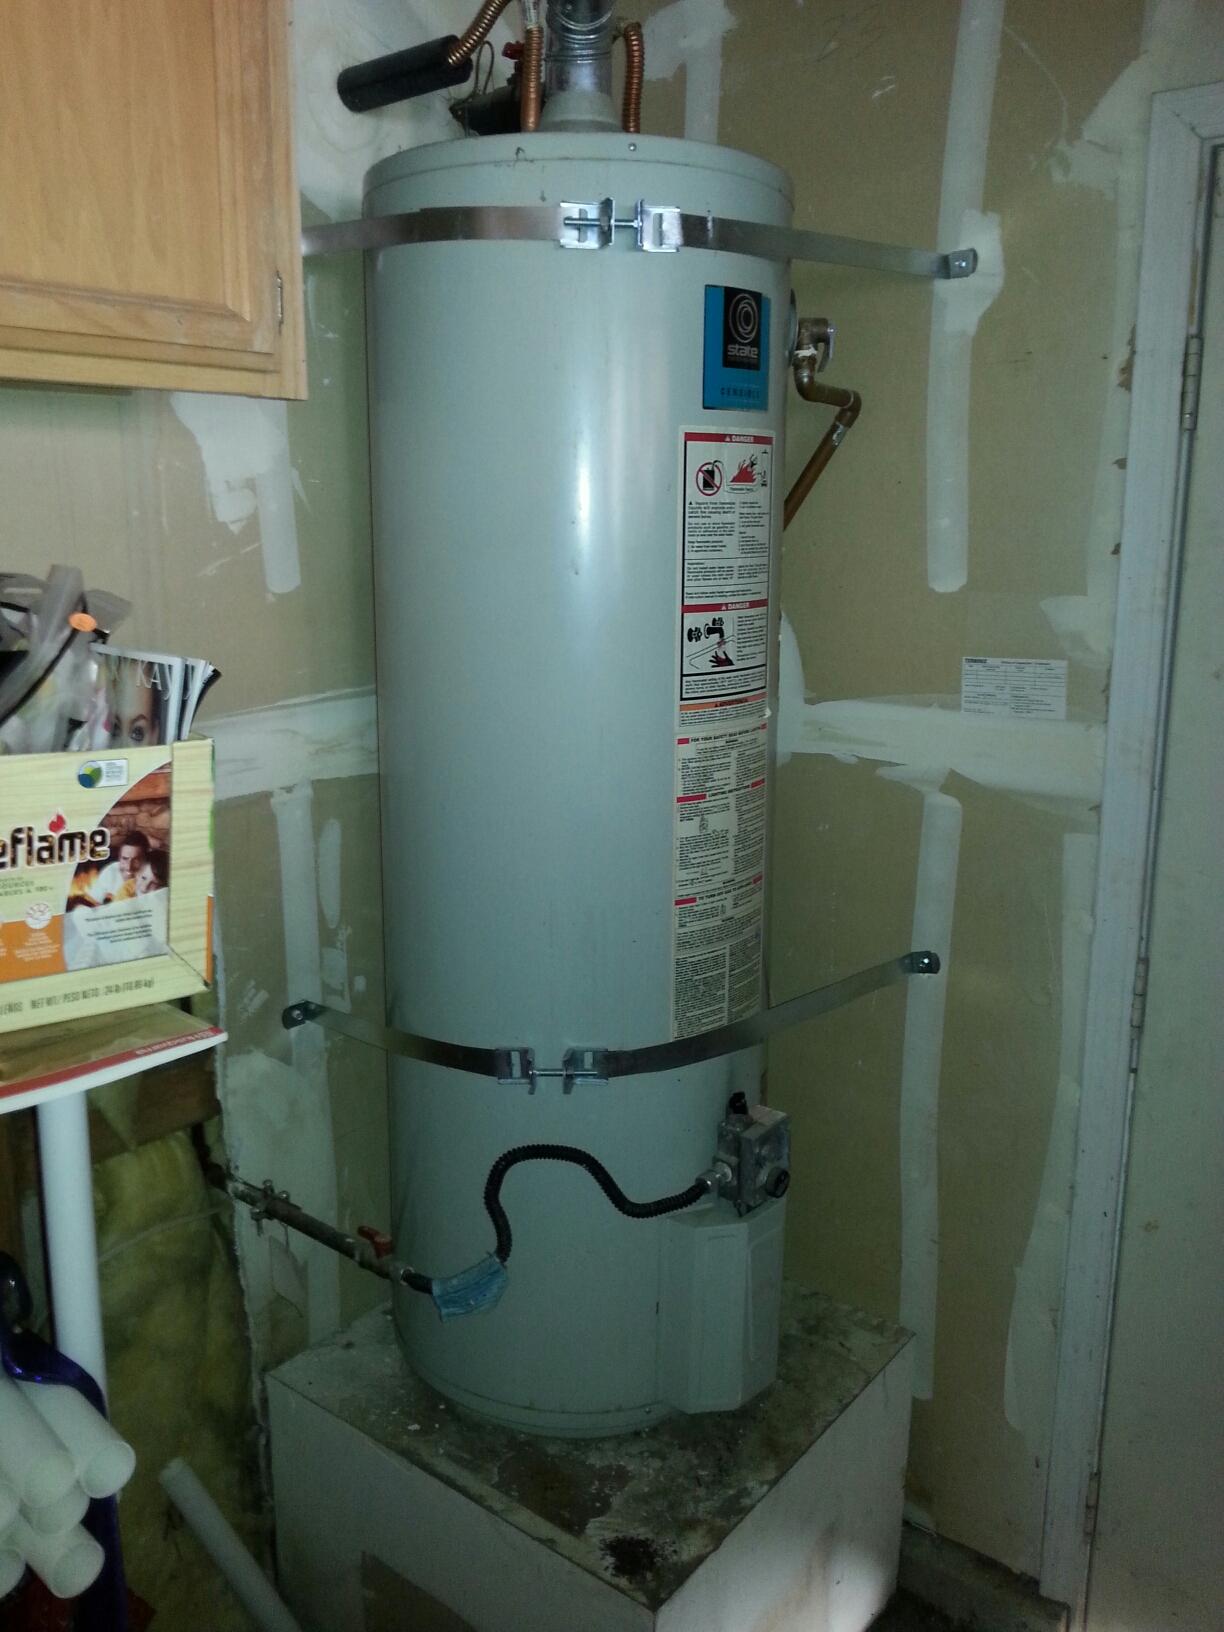 Antelope, CA - Antelope plumbing repair water heater diagnostic clean cook pan replace thermal coupling